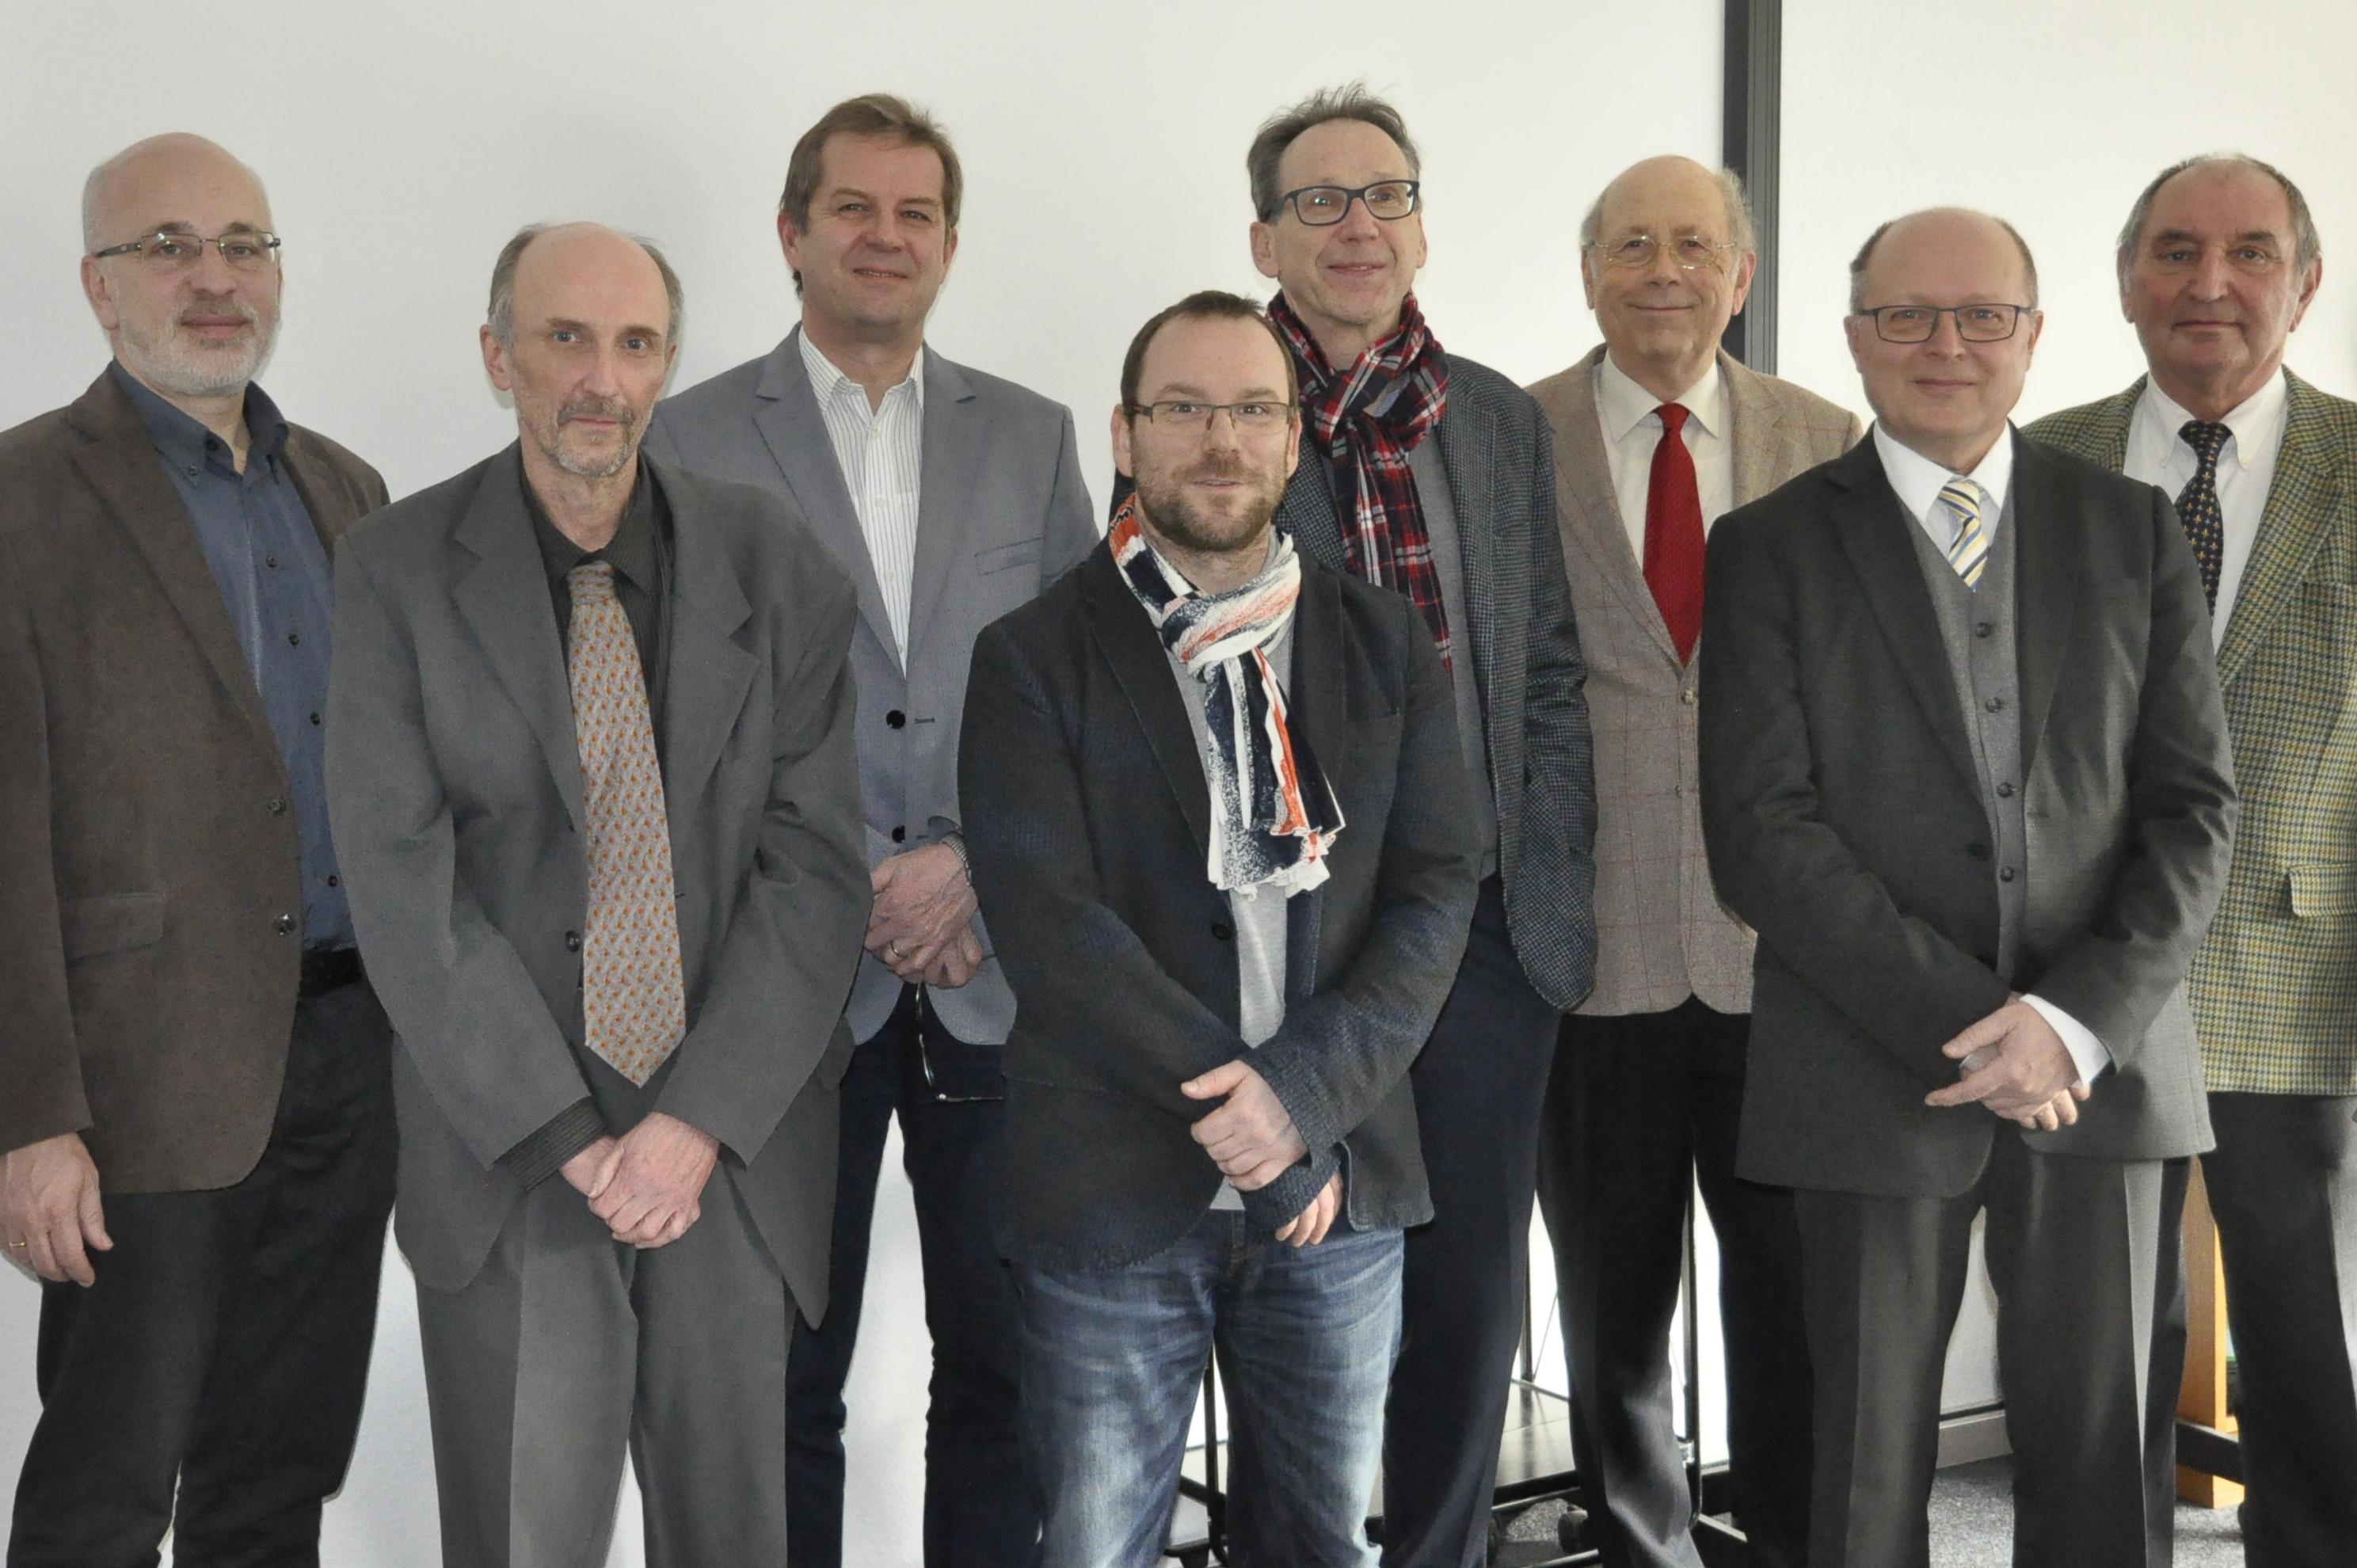 Bildunterschrift: Die Teilnehmer der konstituierenden Sitzung des Wissenschaftlichen Beirats (v.l.n.r.): die Professoren Müller-Christ, Bügner, Wrede, Markgraf, Mühlemeier, Müller-Hedrich, Frohberg, Huber.